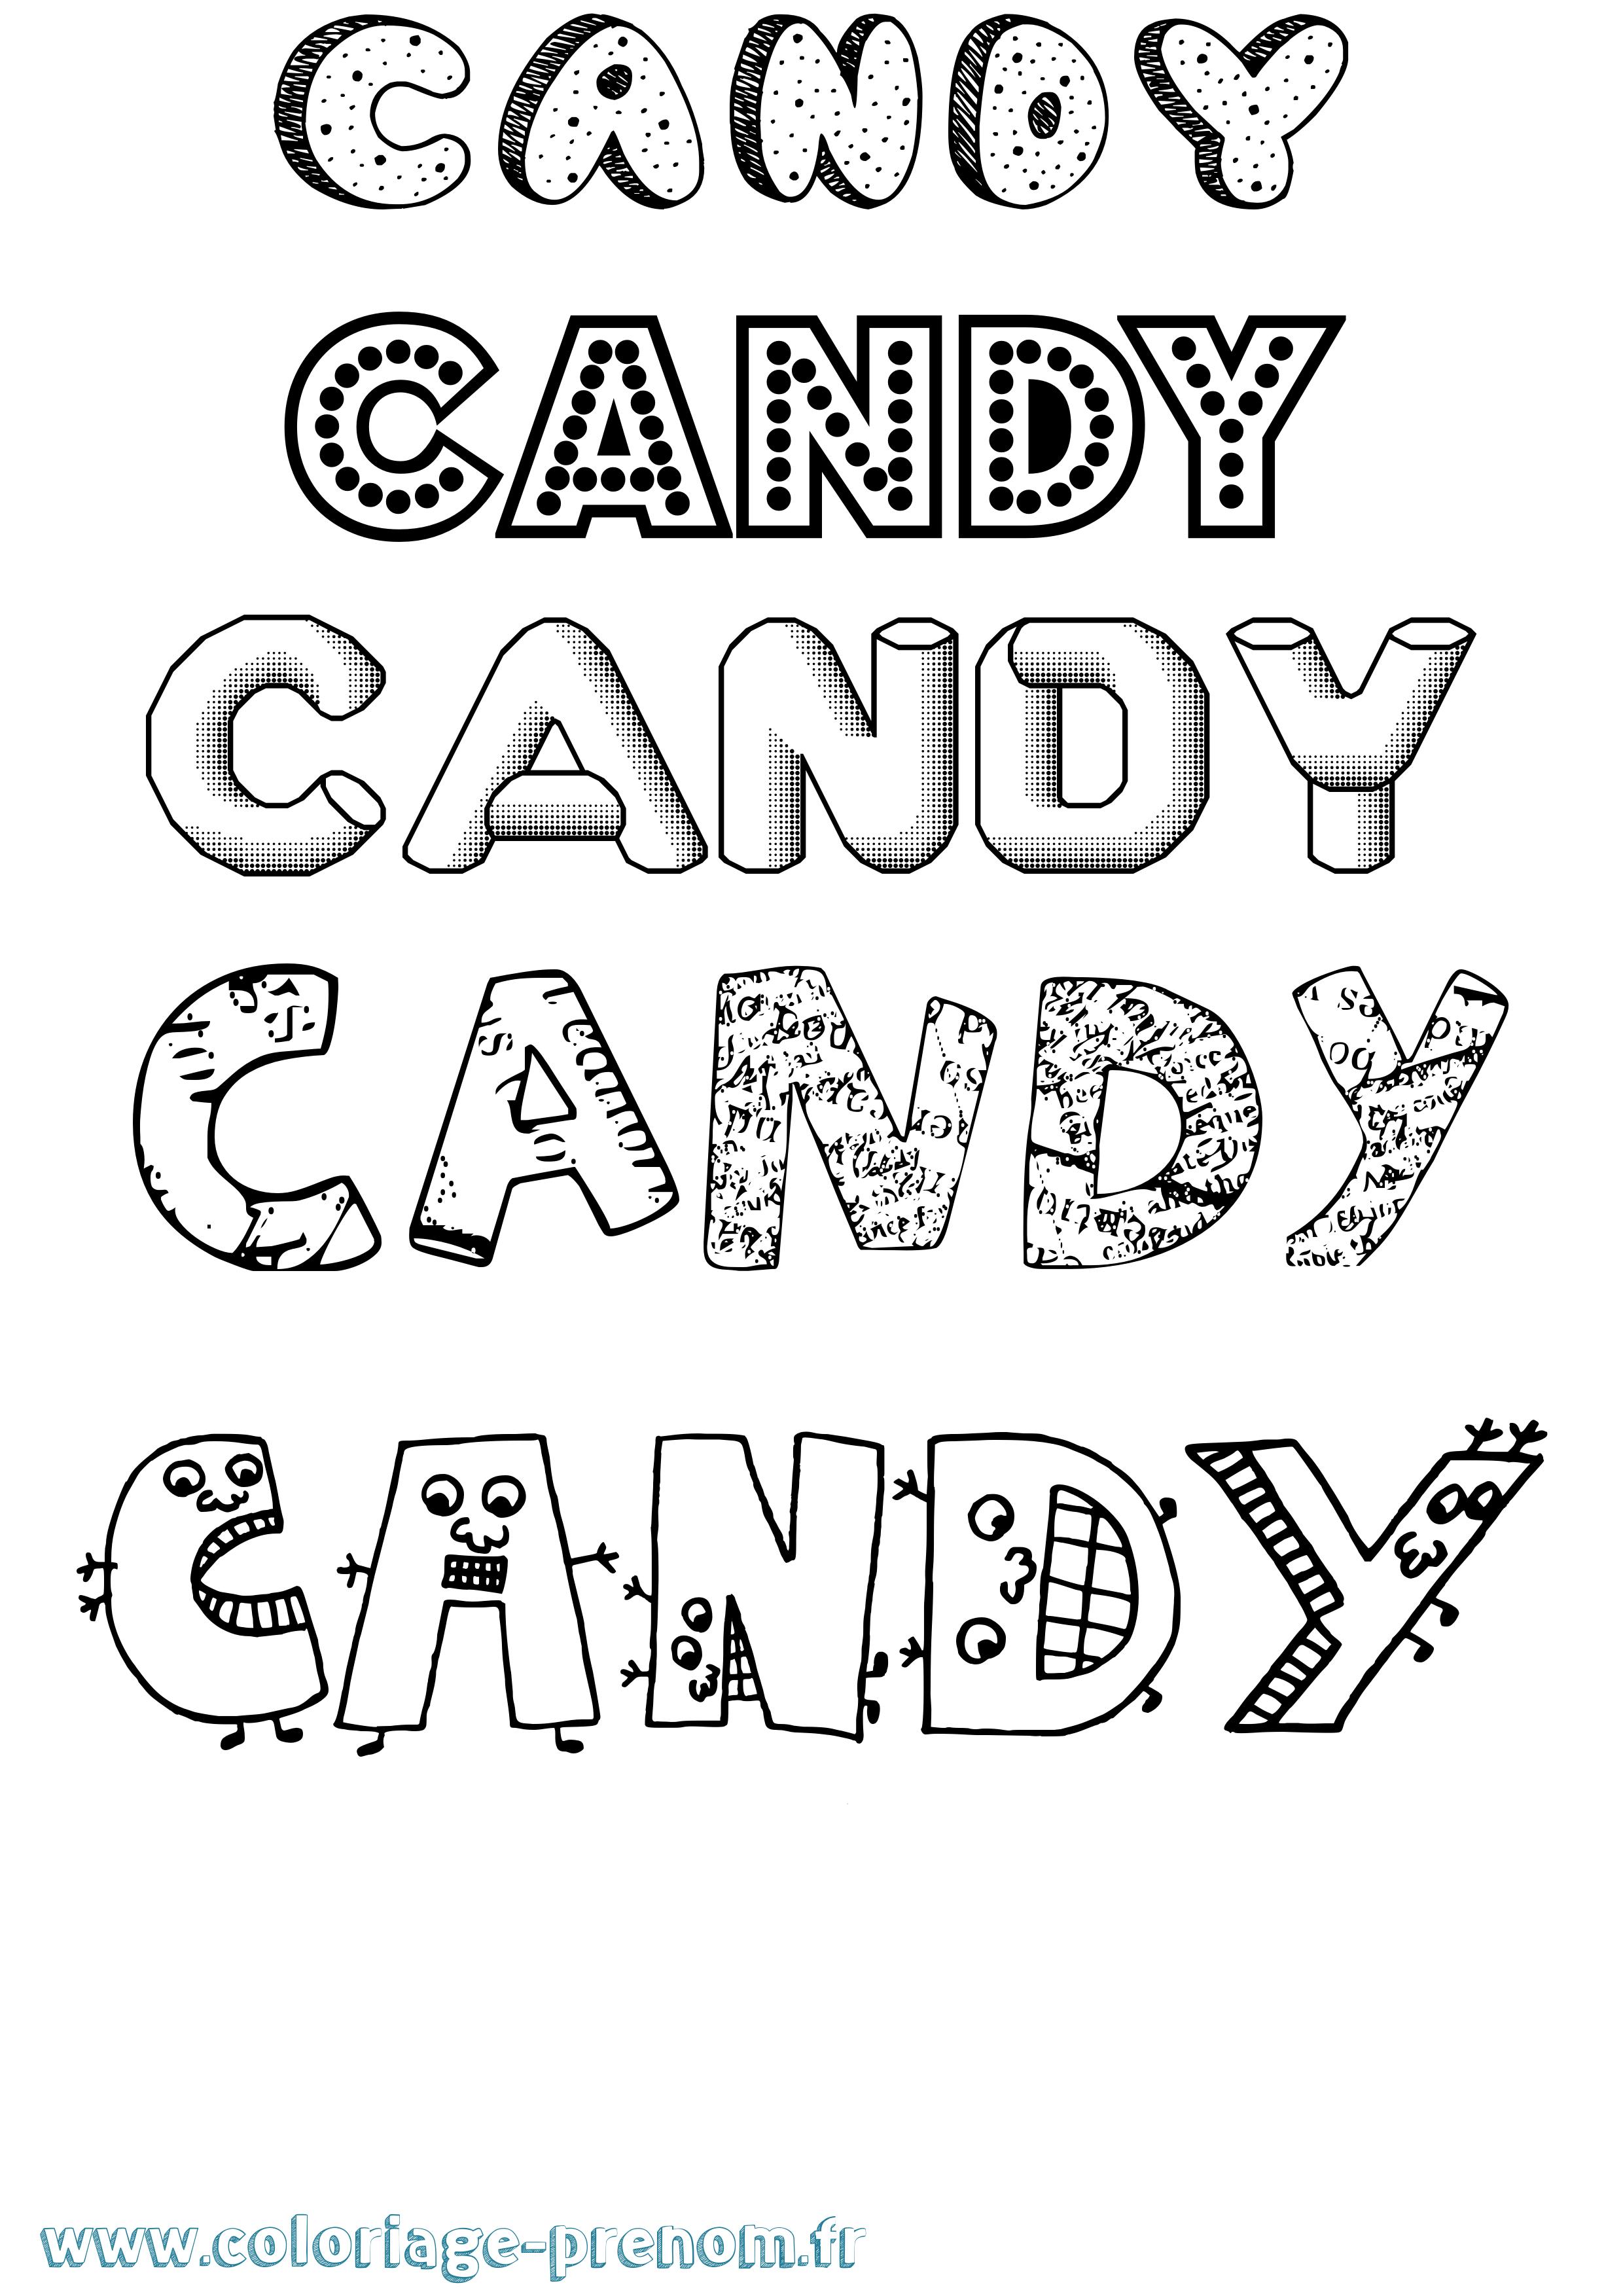 Coloriage du prénom Candy : à Imprimer ou Télécharger ...